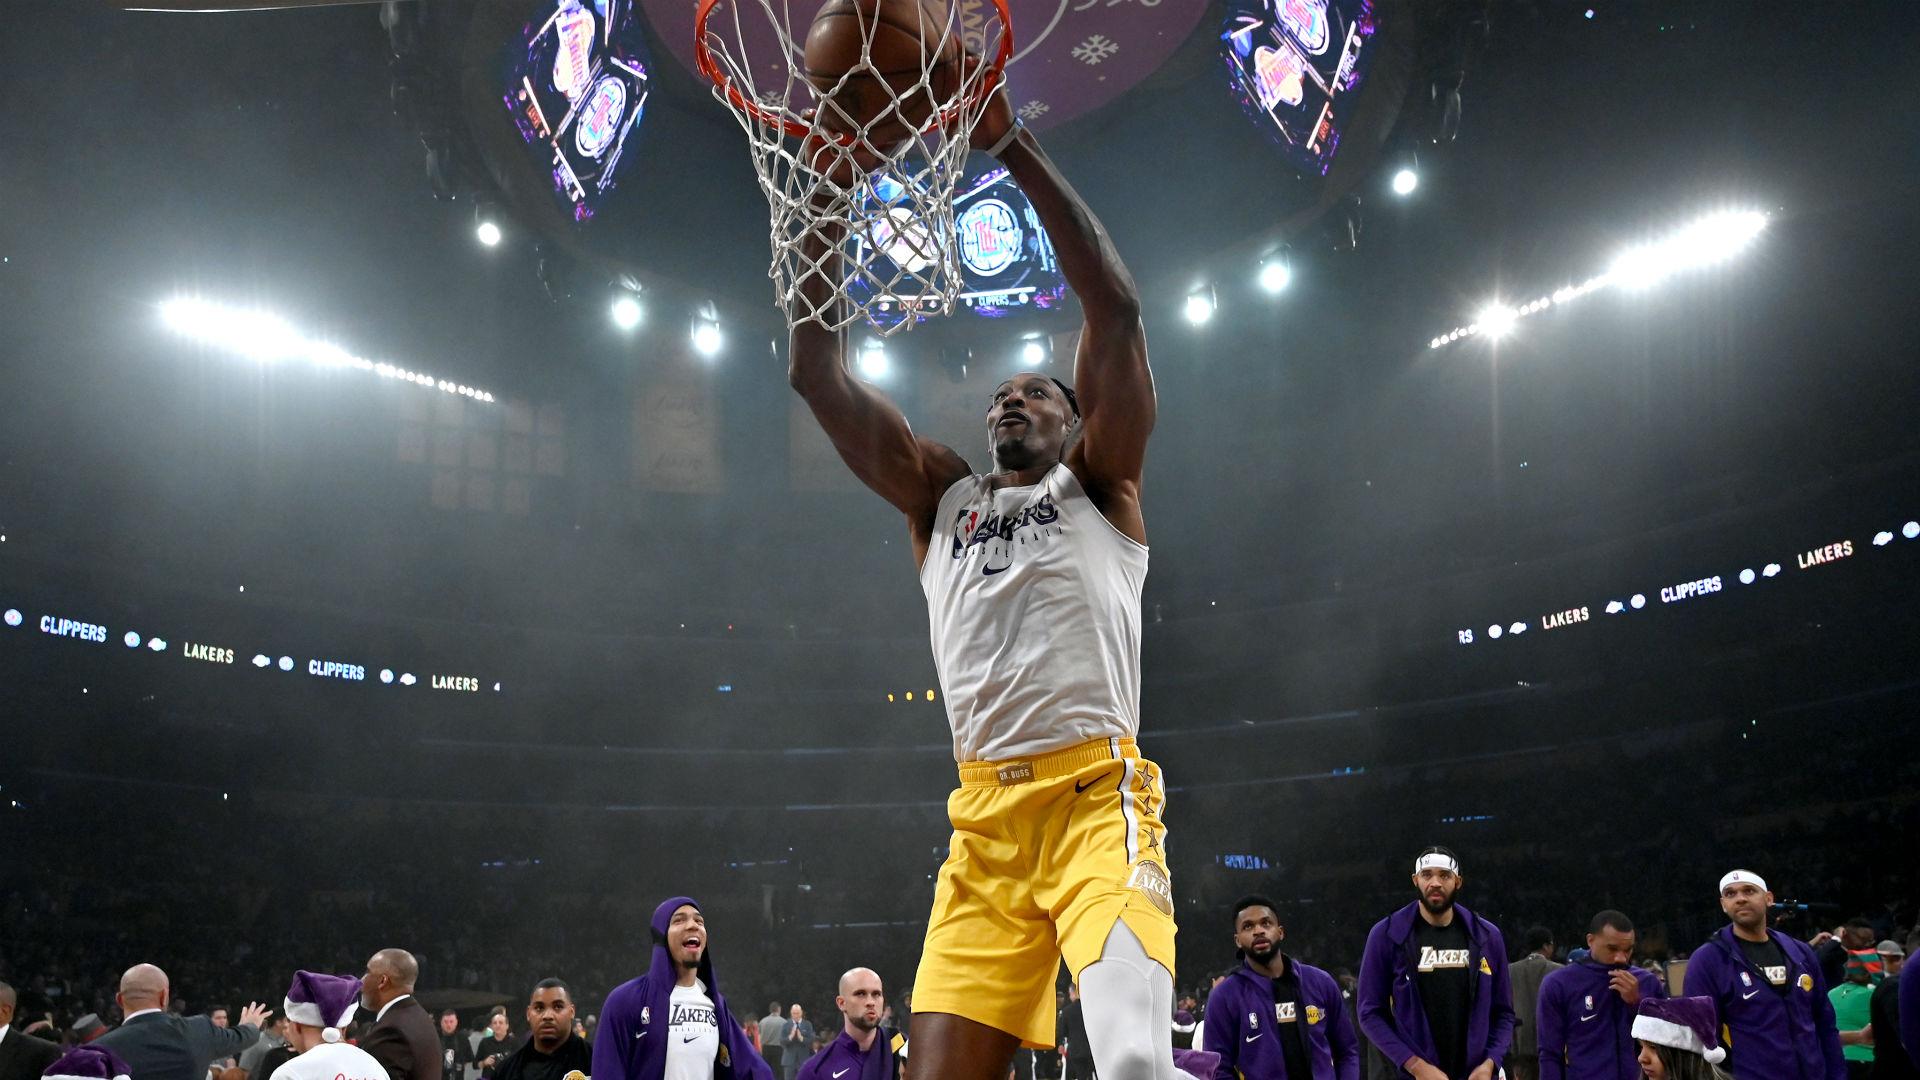 NBA Slam Dunk Contest 2020 actualizaciones en vivo, destacados, resultados del fin de semana All-Star 2